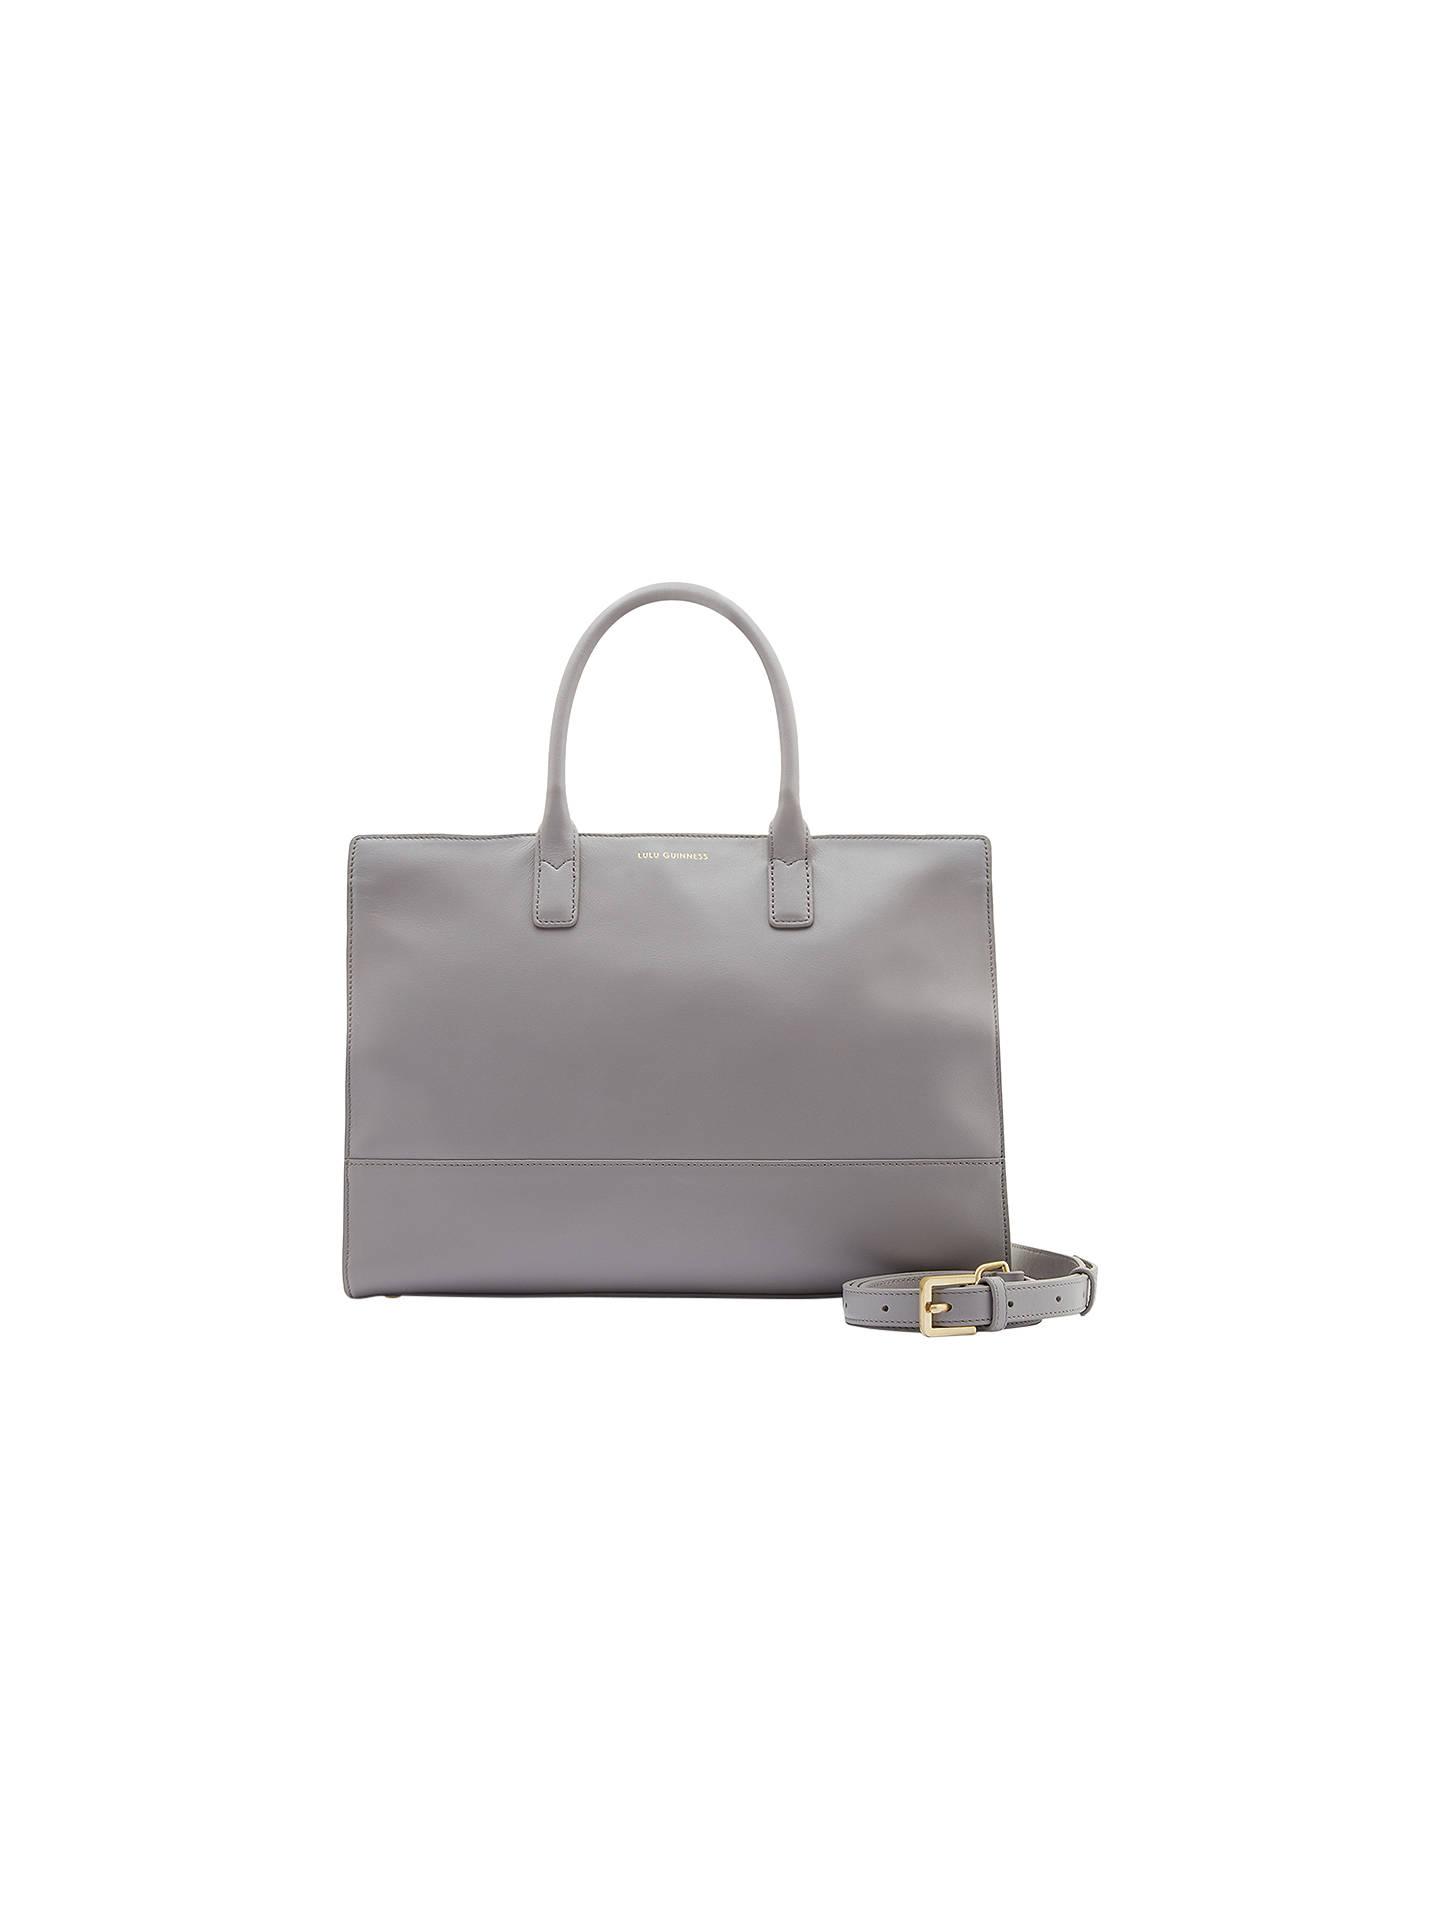 a564cf7d18de19 Buy Lulu Guinness Daphne Smooth Leather Medium Shoulder Bag, Grey Online at  johnlewis.com ...